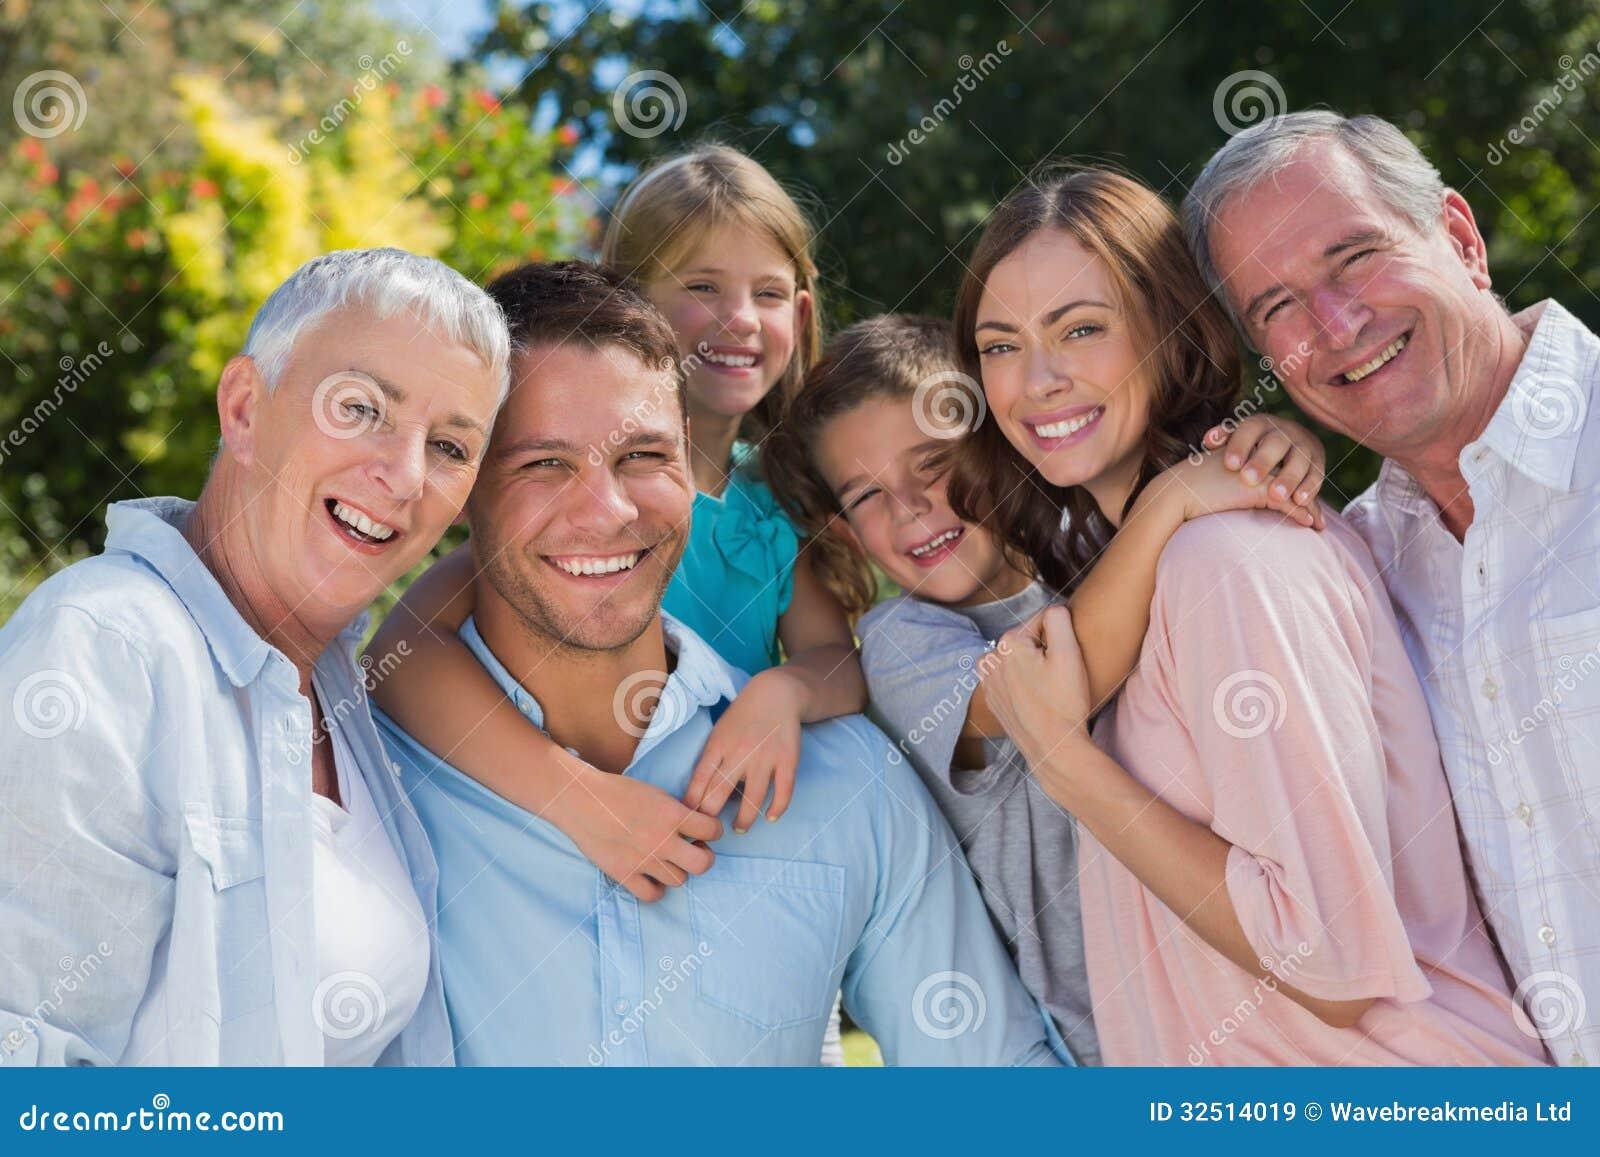 Смотреть дедушка с бабушкой 10 фотография